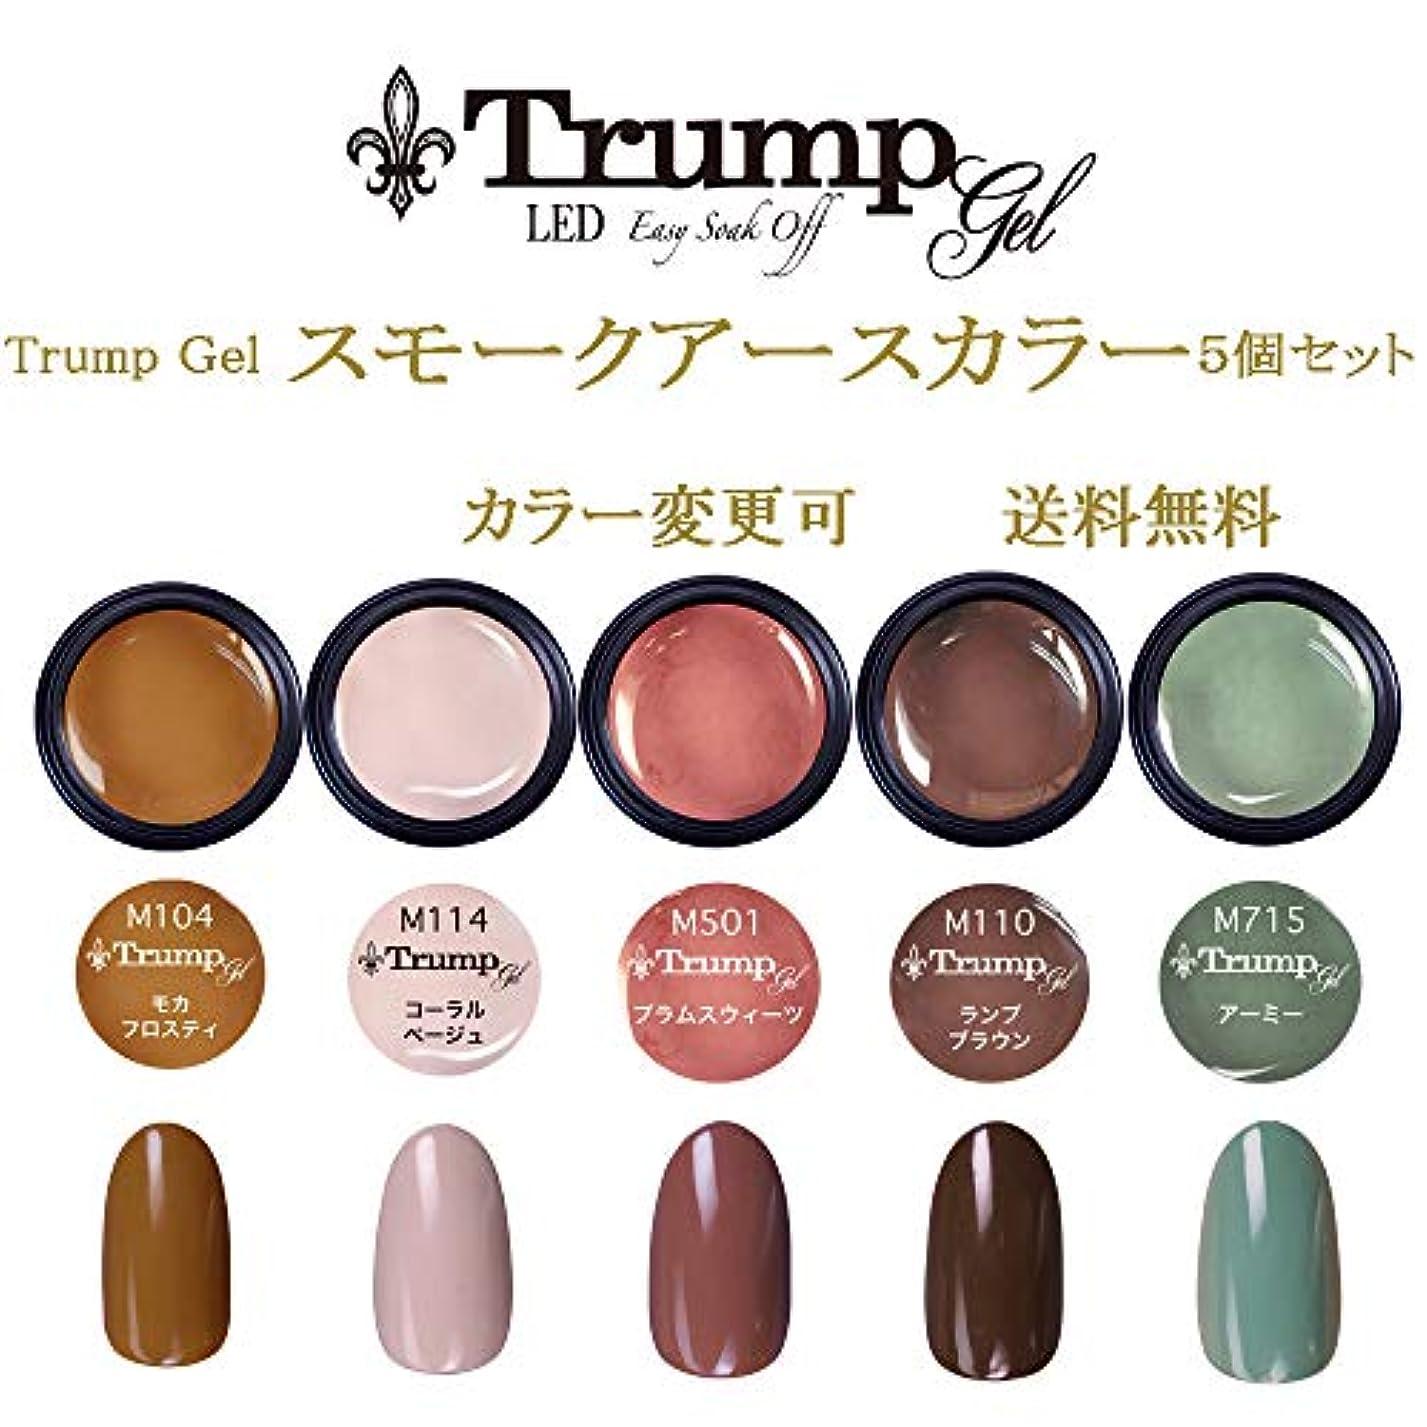 しかしくつろぐ言語学【送料無料】日本製 Trump gel トランプジェル スモークアース 選べる カラージェル 5個セット スモーキー アースカラー ベージュ ブラウン マスタード カーキ カラー